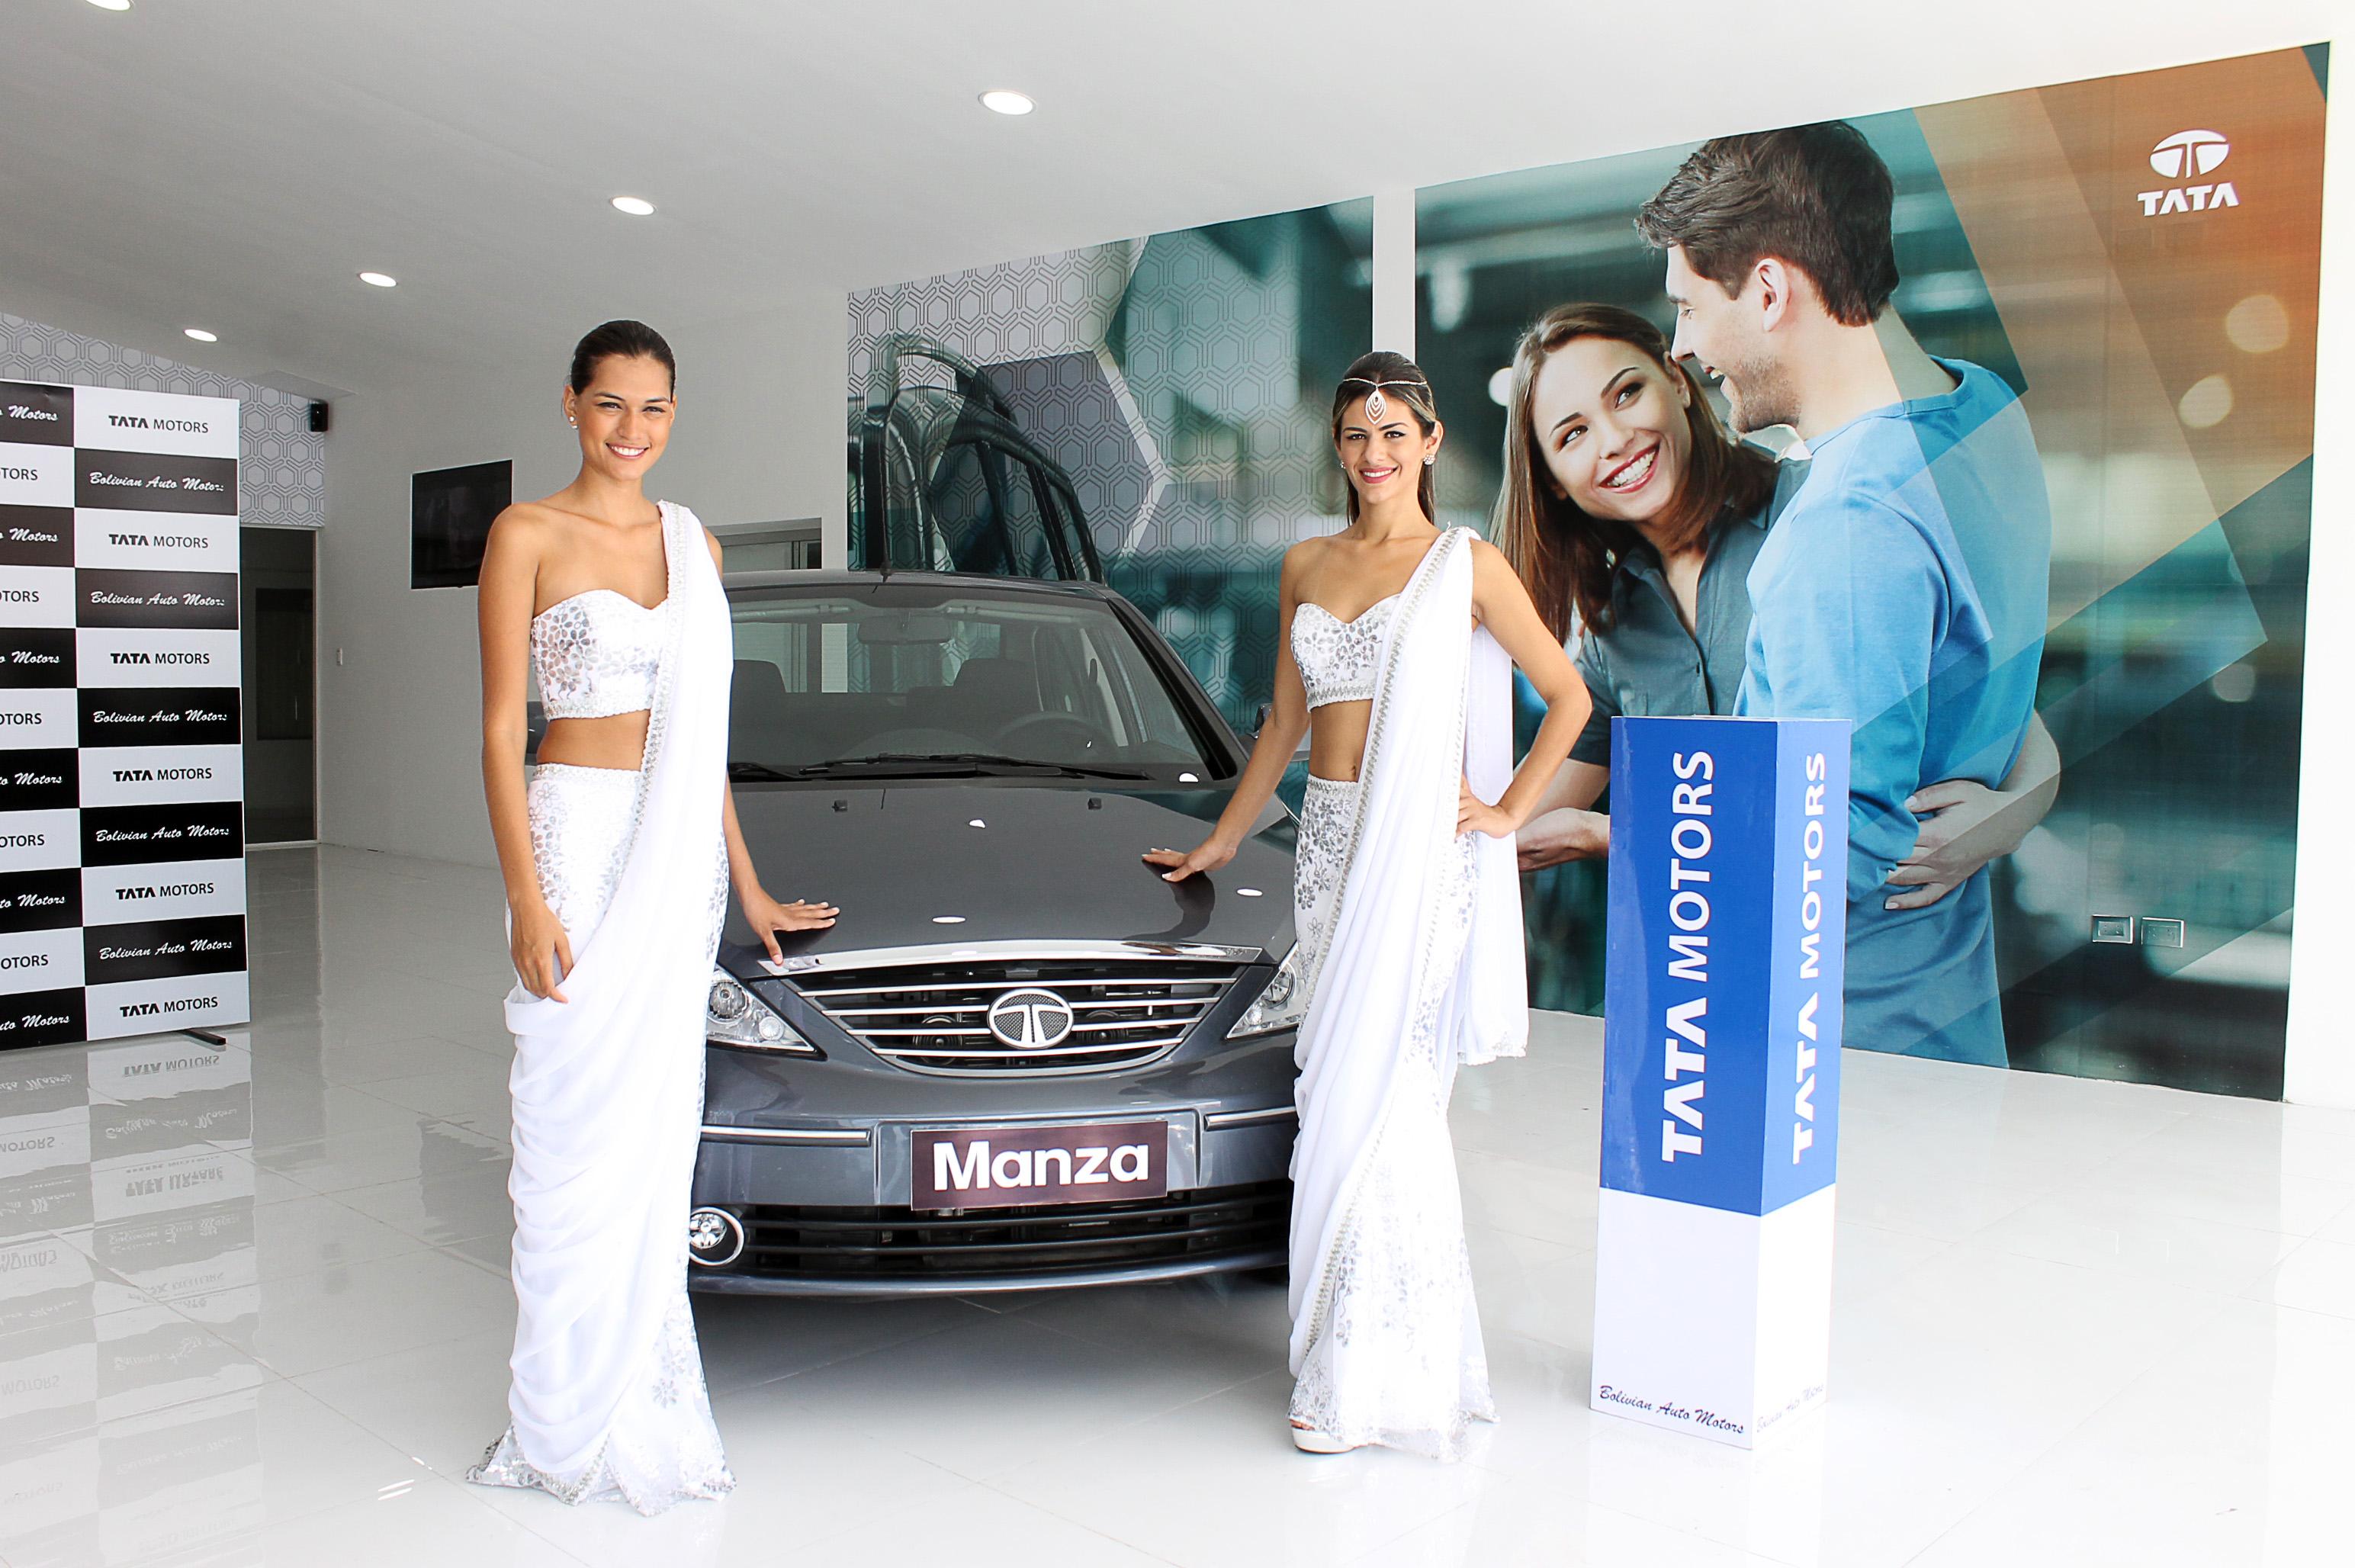 La Magnífica Jimena Jimenez y Thaísa Torres